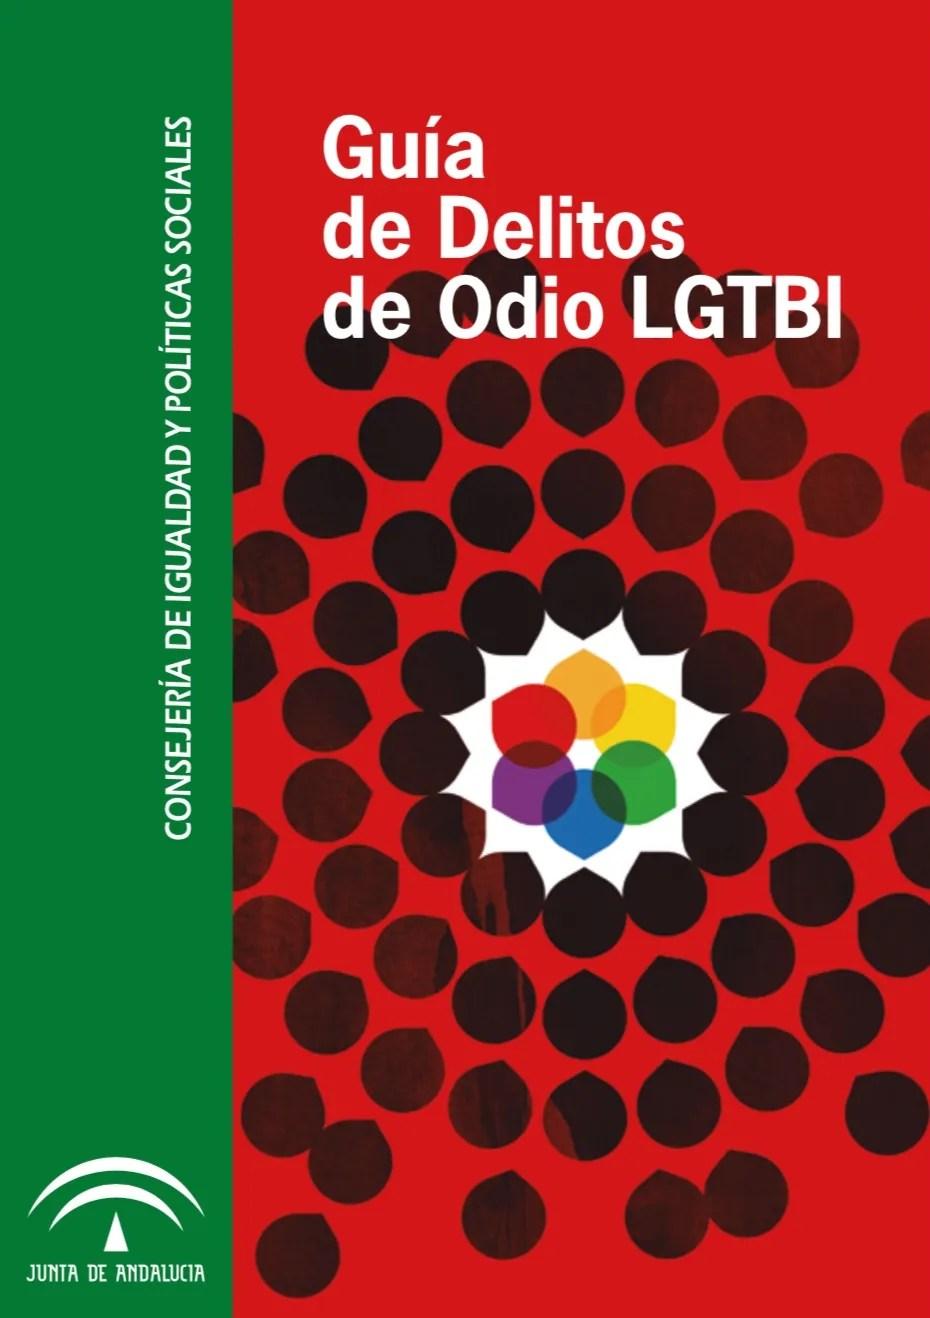 Guía LGTBIfobia